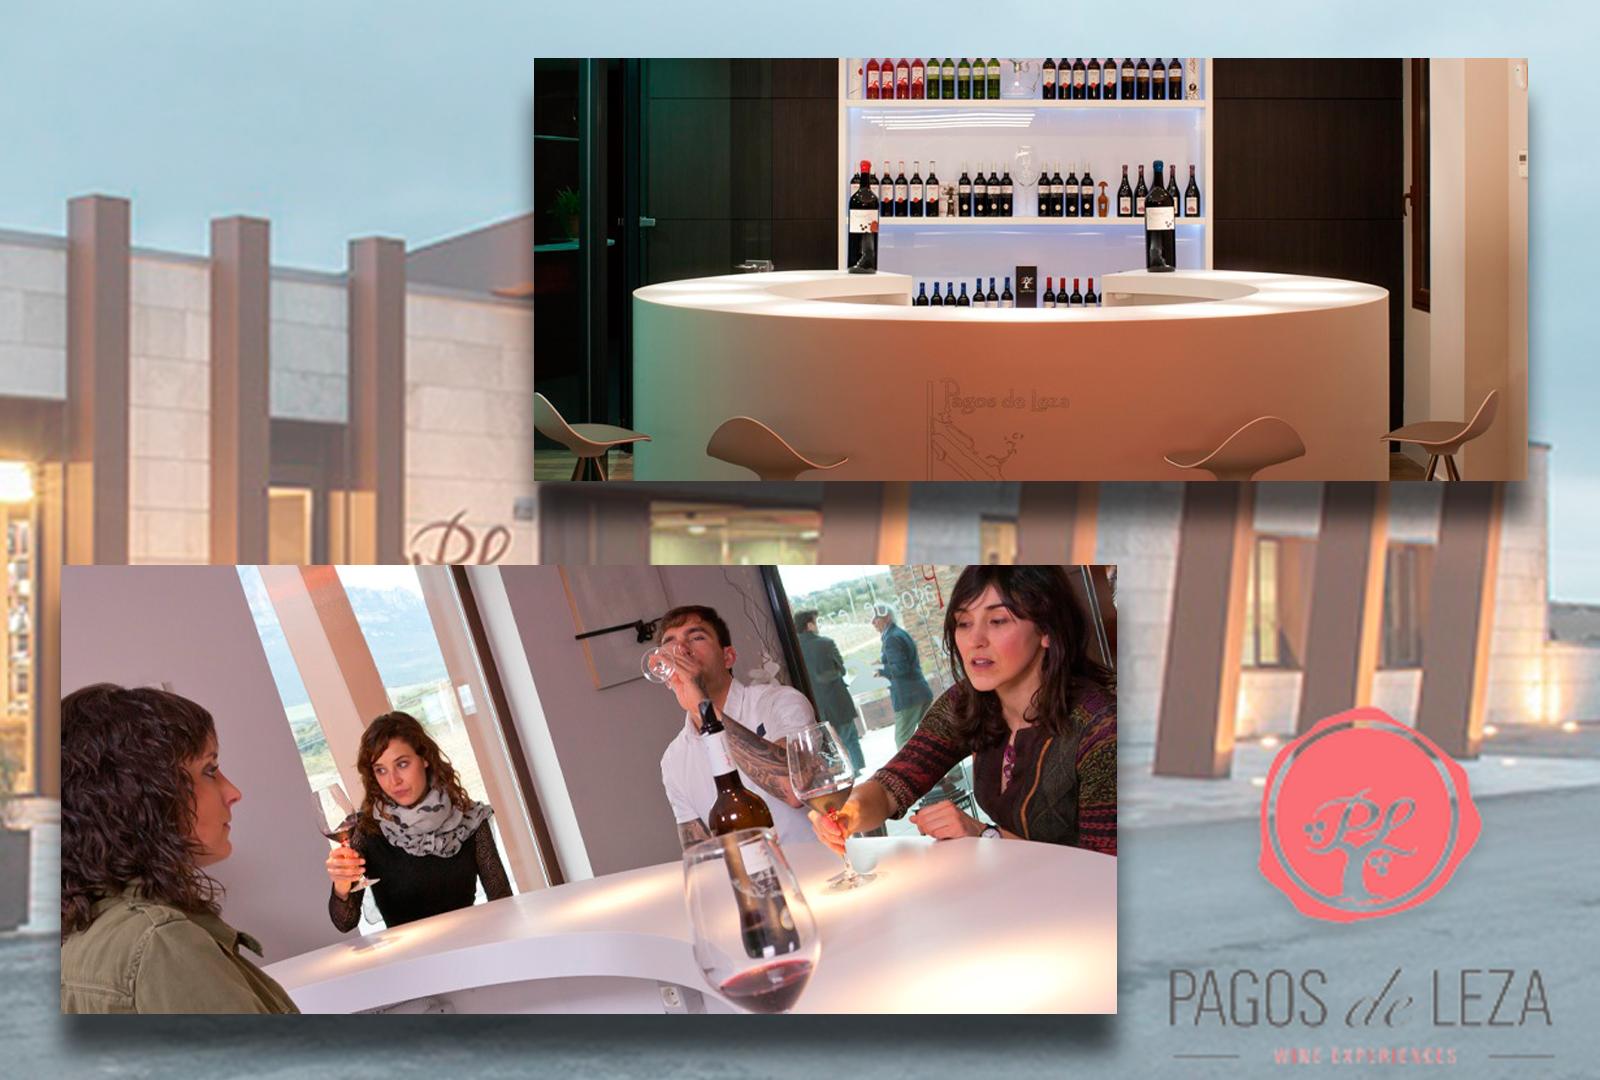 Wine-Bar de Bodegas Pagos de Leza.